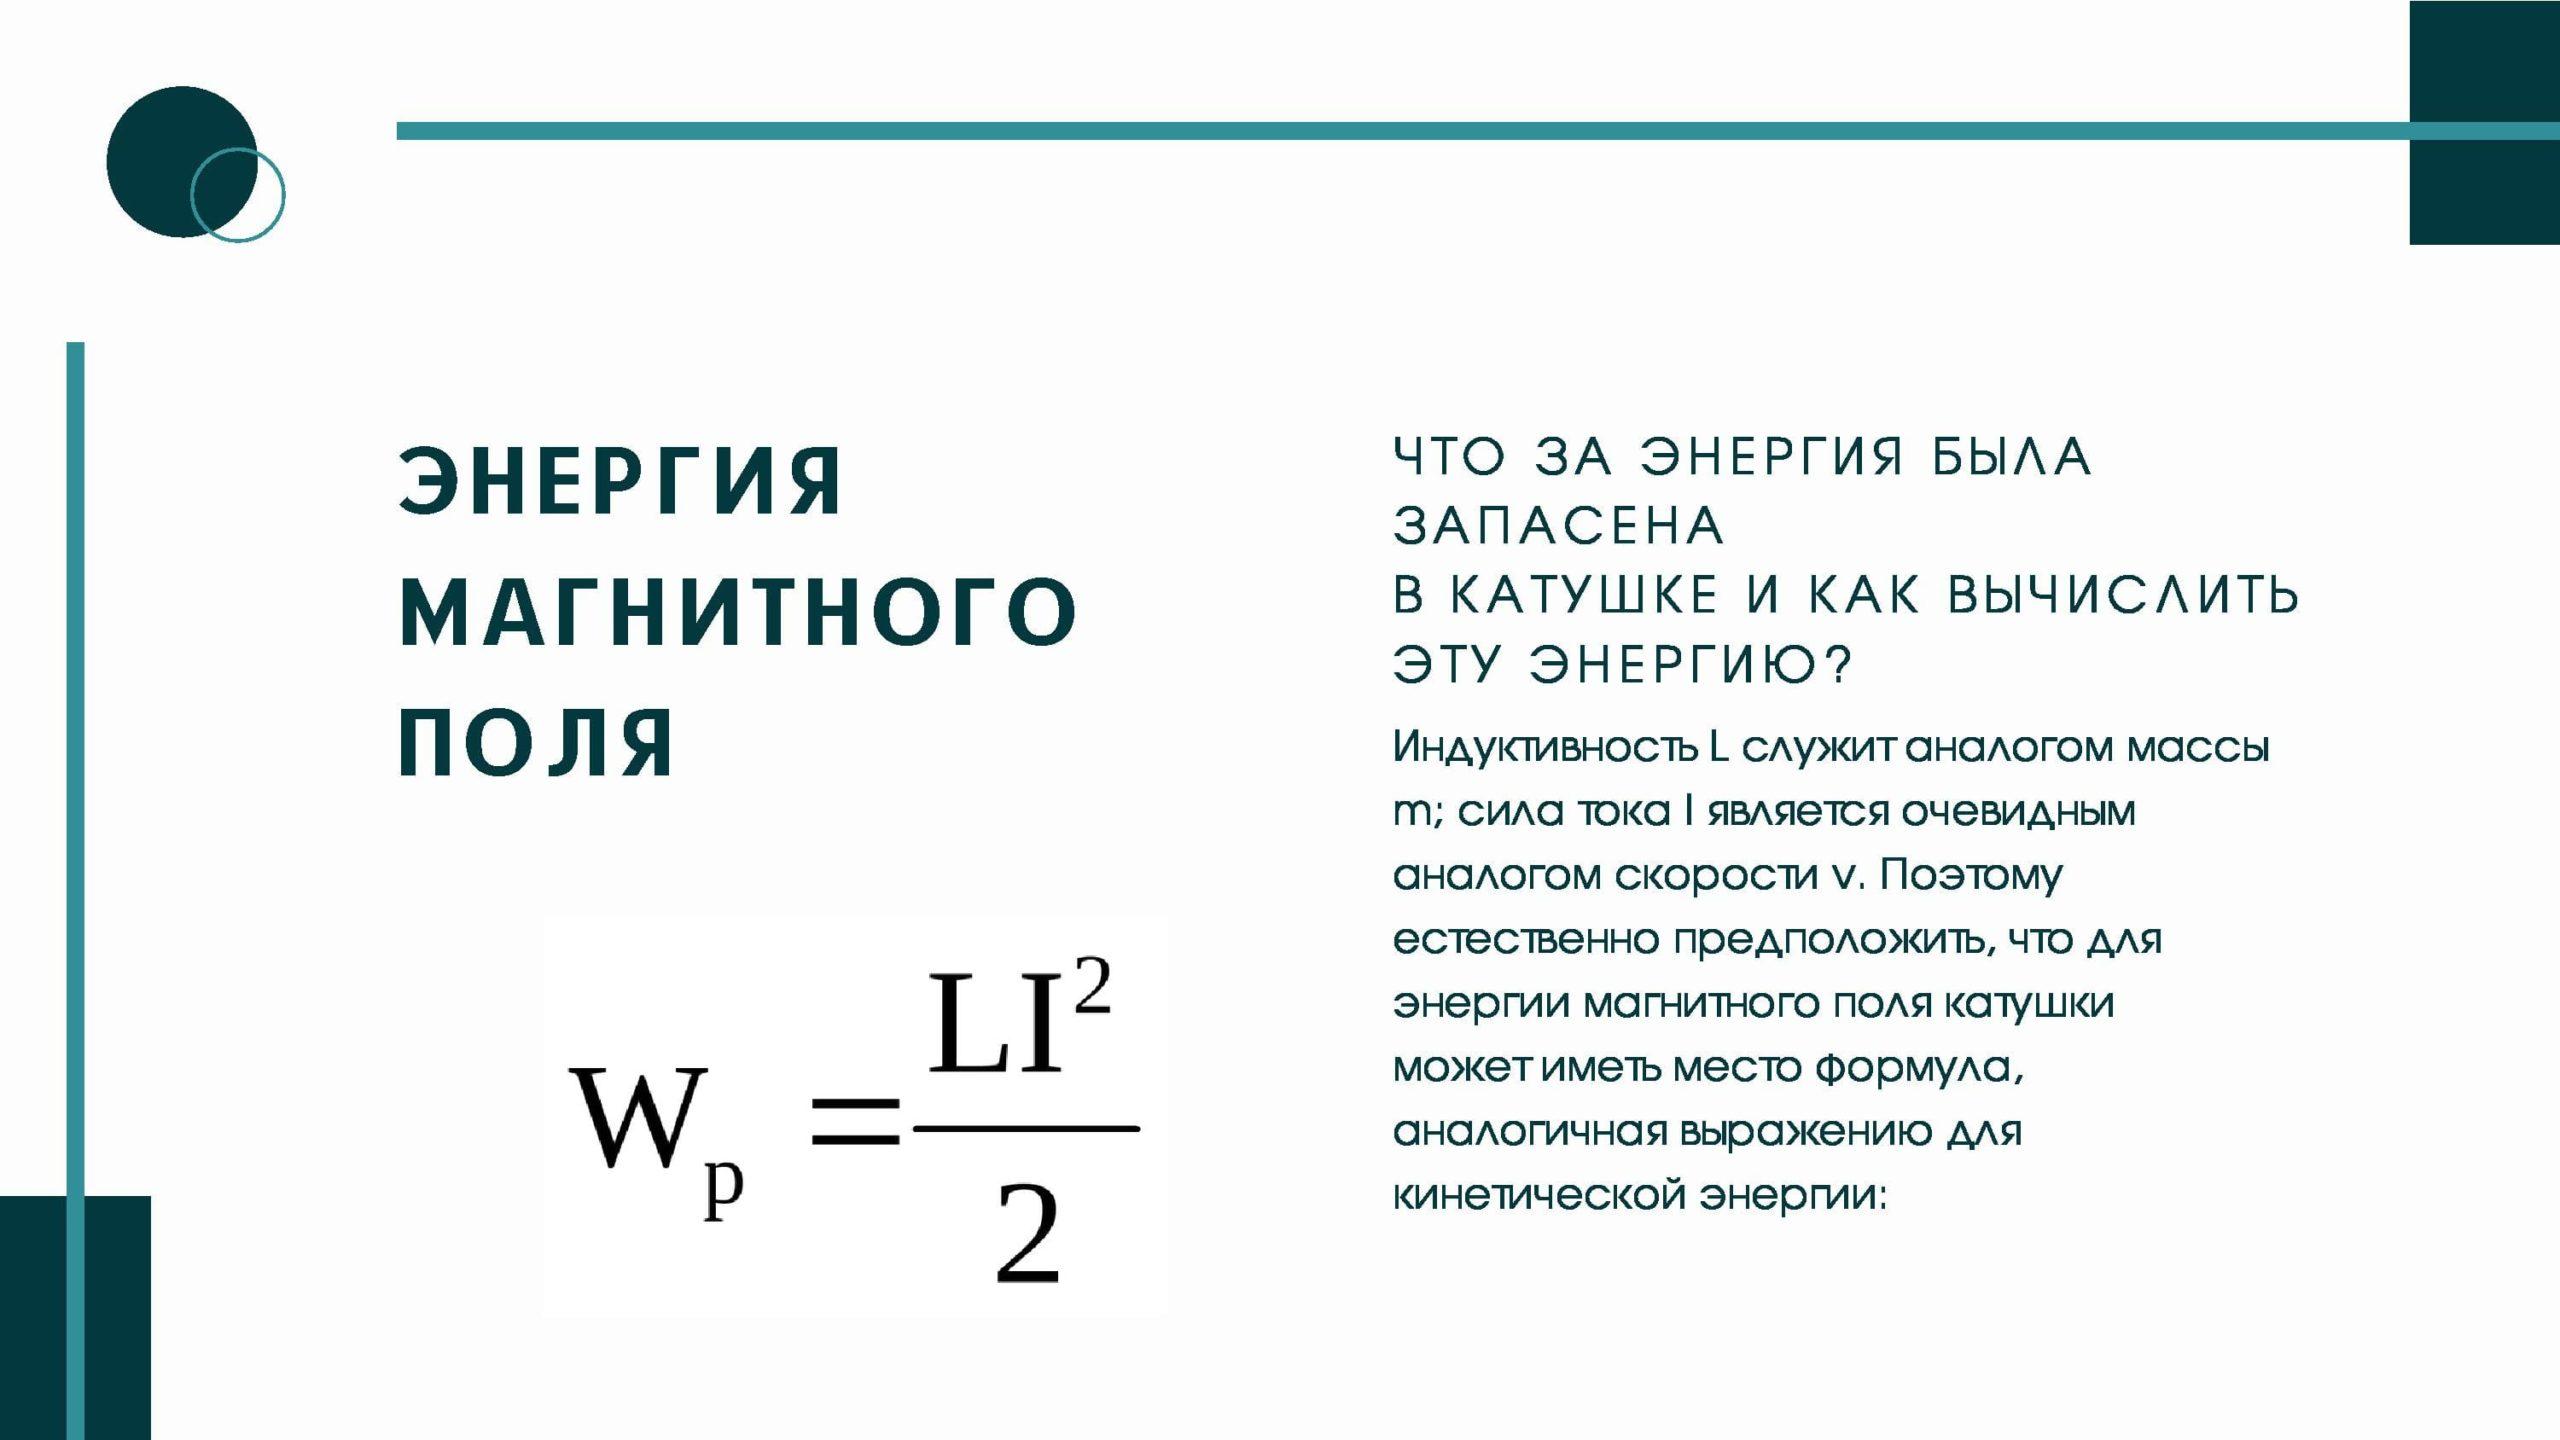 Энергия магнитного поля формула